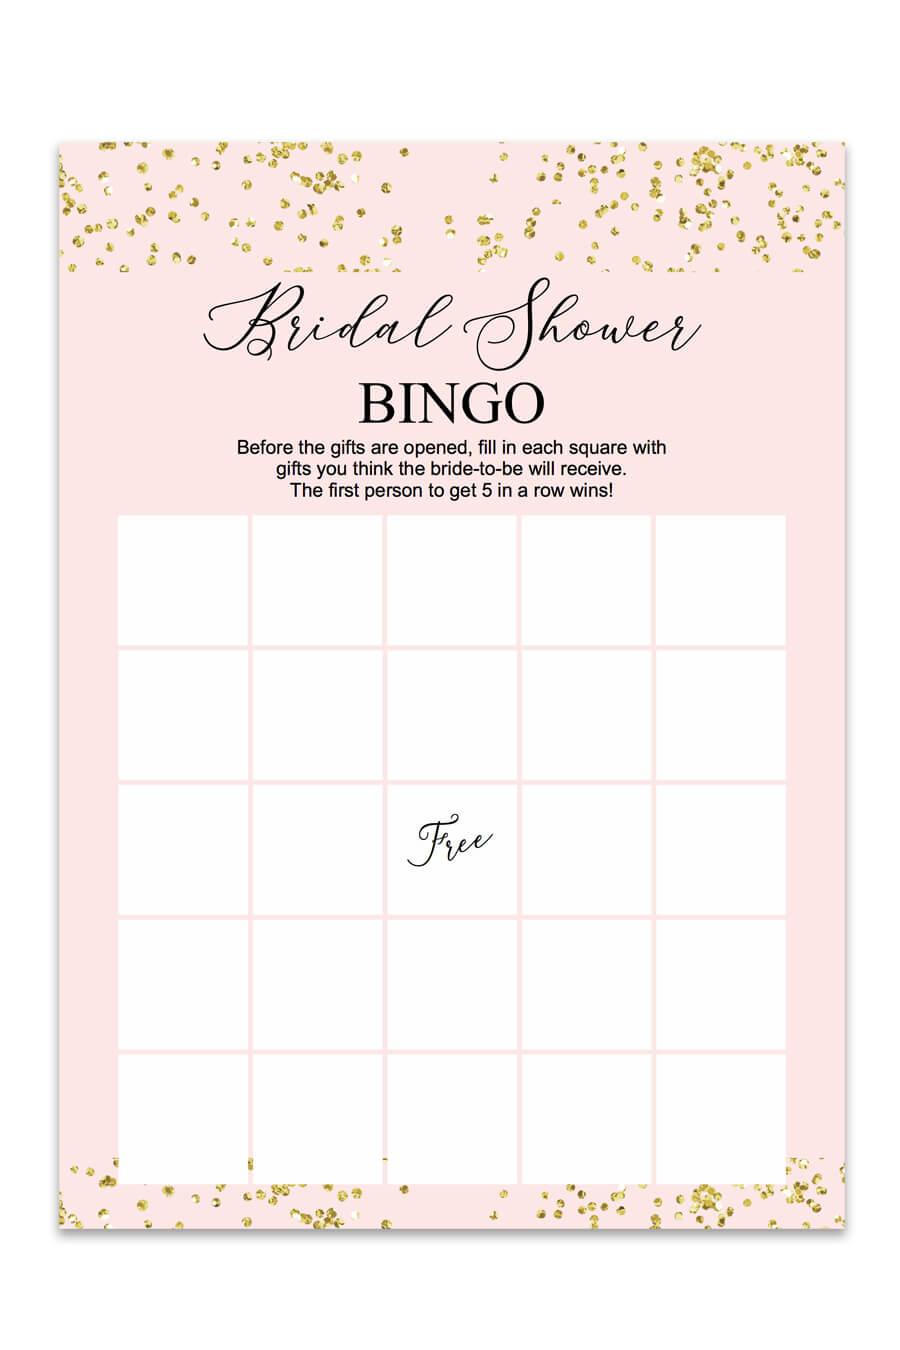 Blush And Confetti Bridal Shower Bingo - Chicfetti